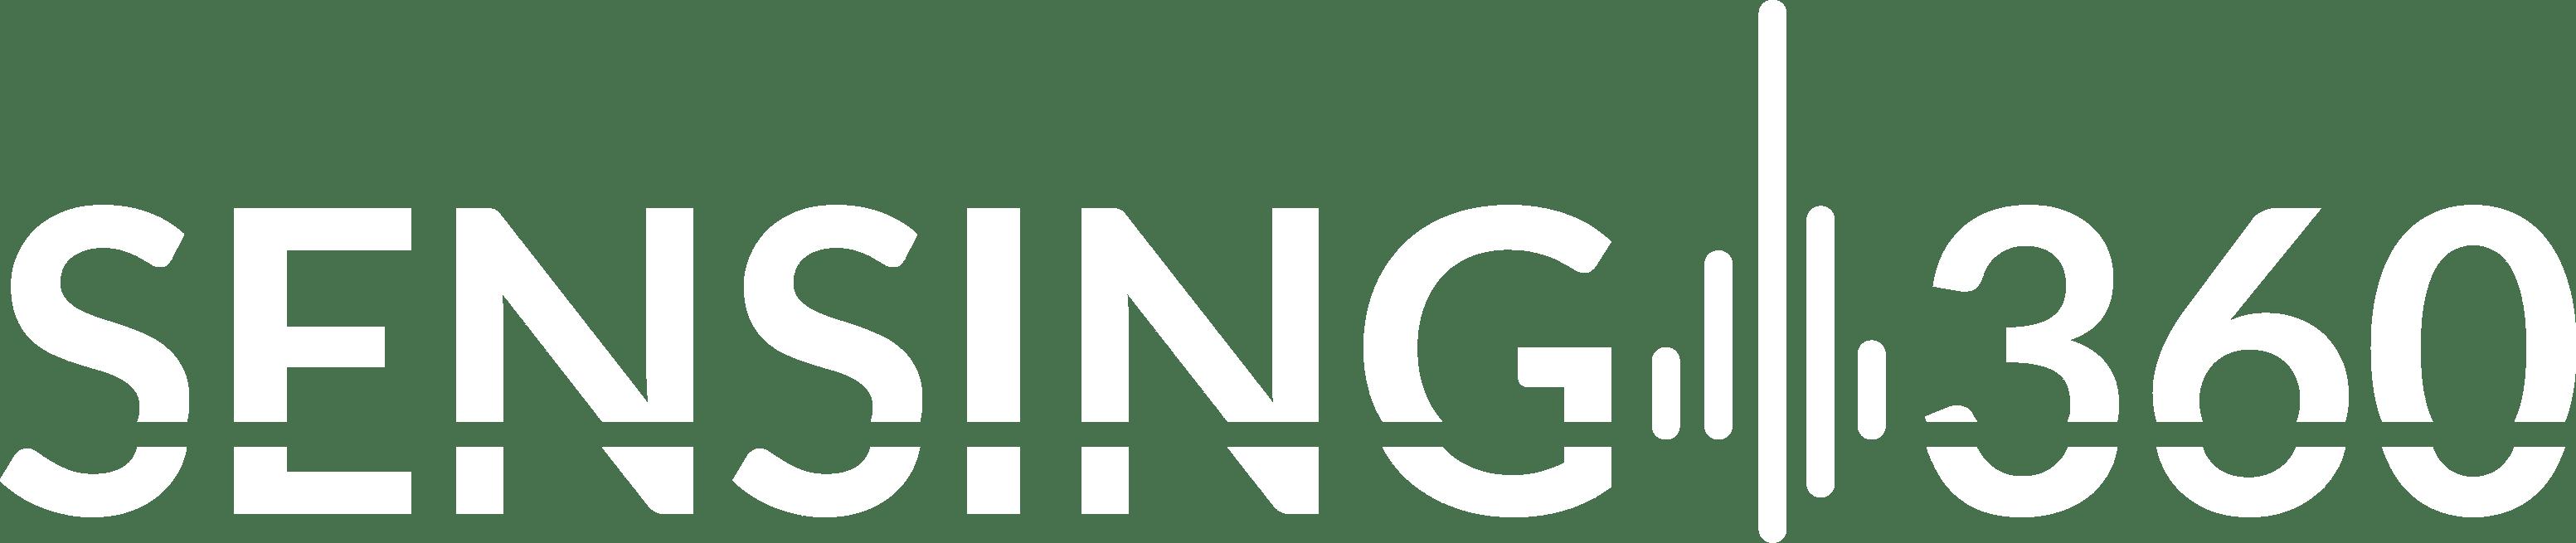 Sensing360 B.V.